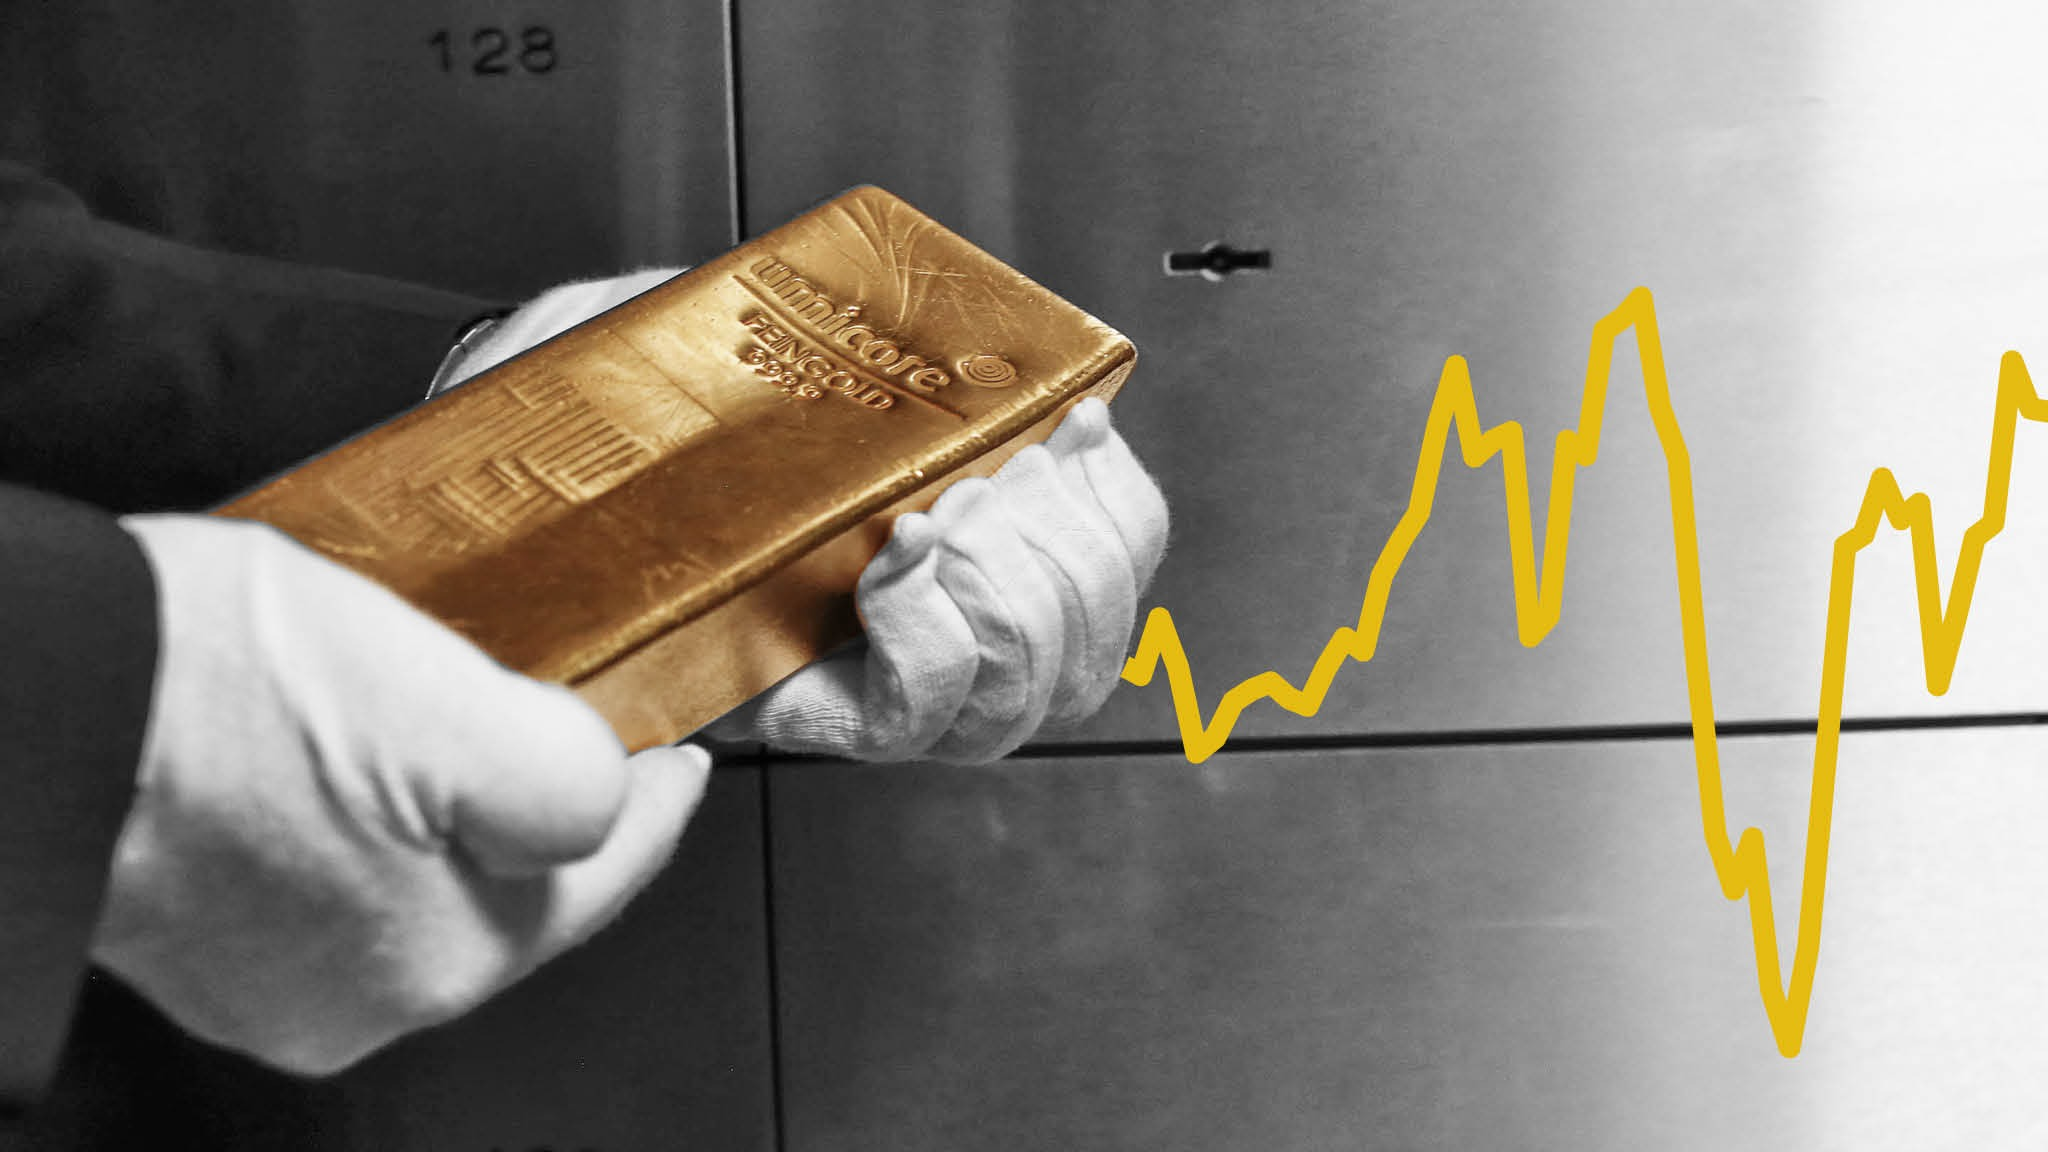 Avec l'augmentation des craintes d'inflation, considérez l'or physique comme une protection